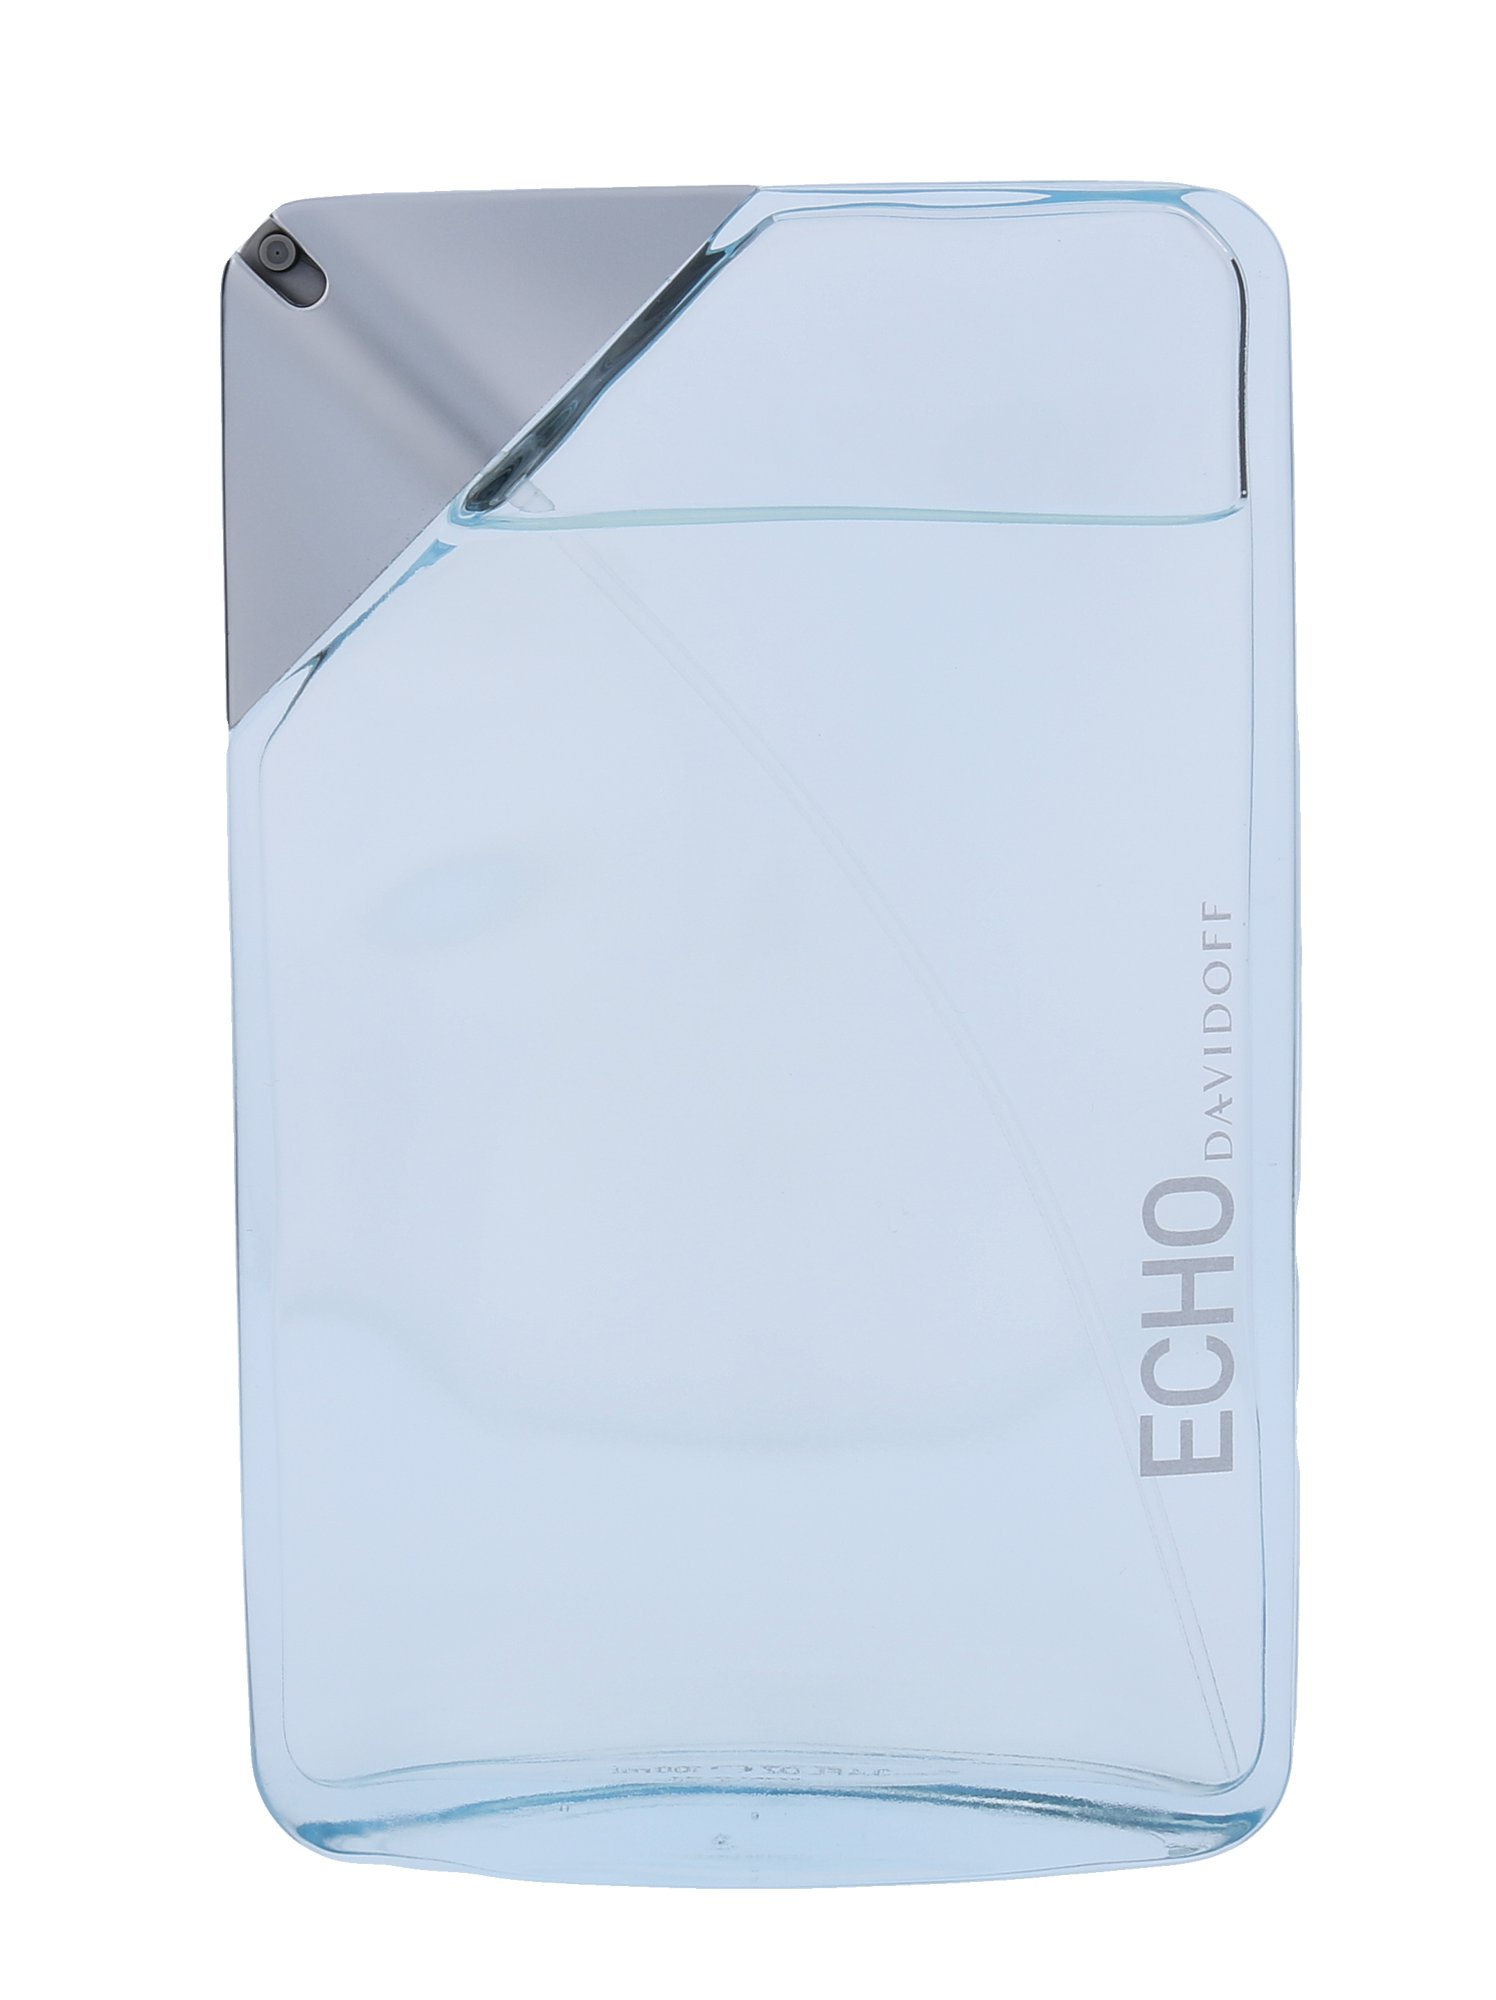 Davidoff Echo for Man, Toaletná voda 100ml - Tester